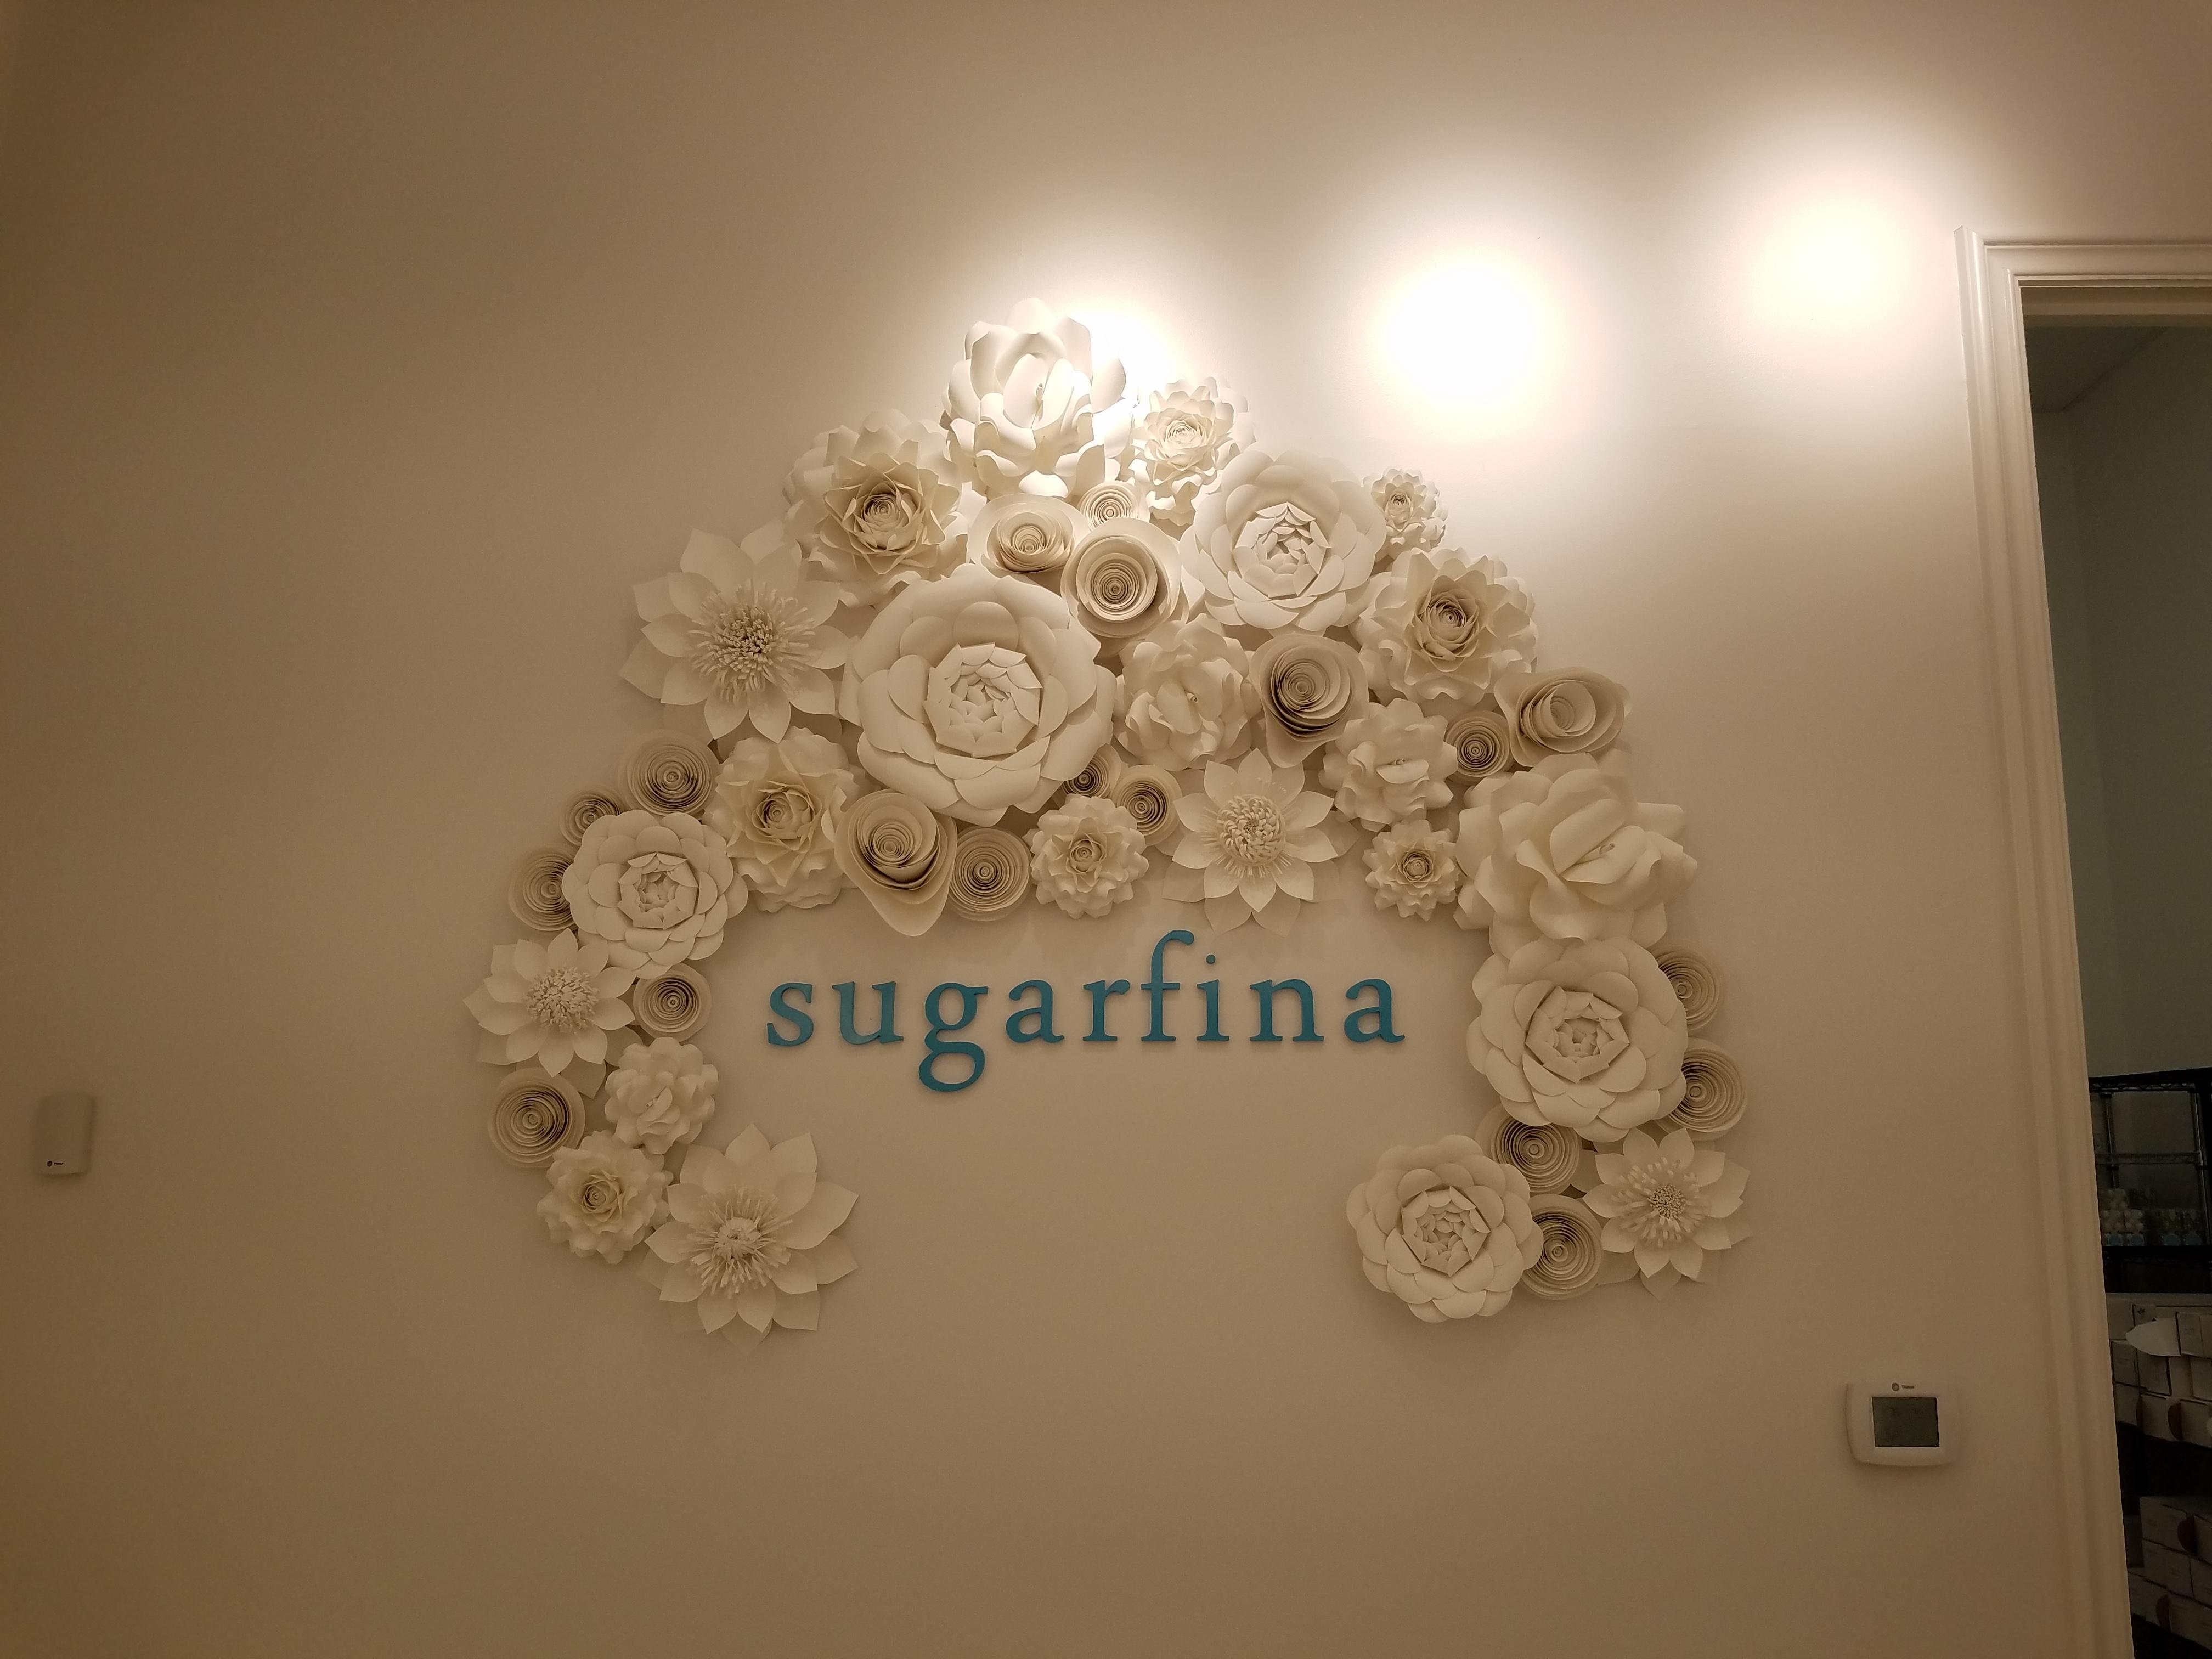 Sugarfina 3.jpg